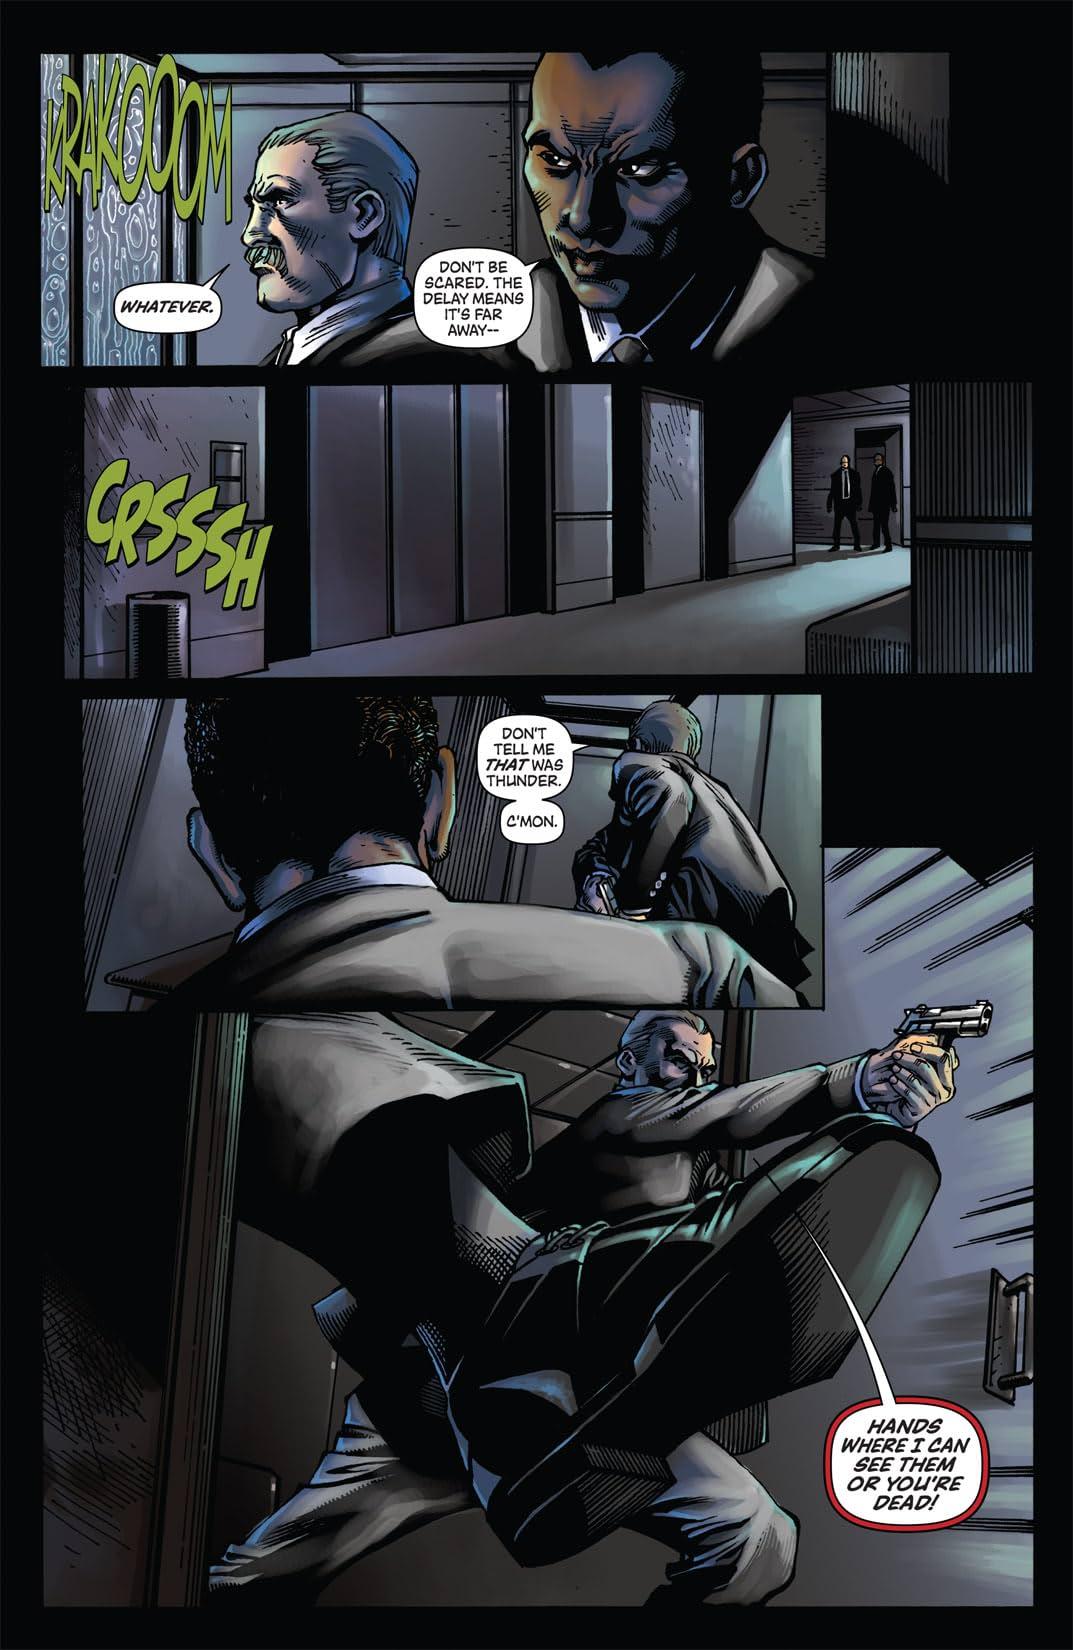 The Green Hornet Strikes! #1